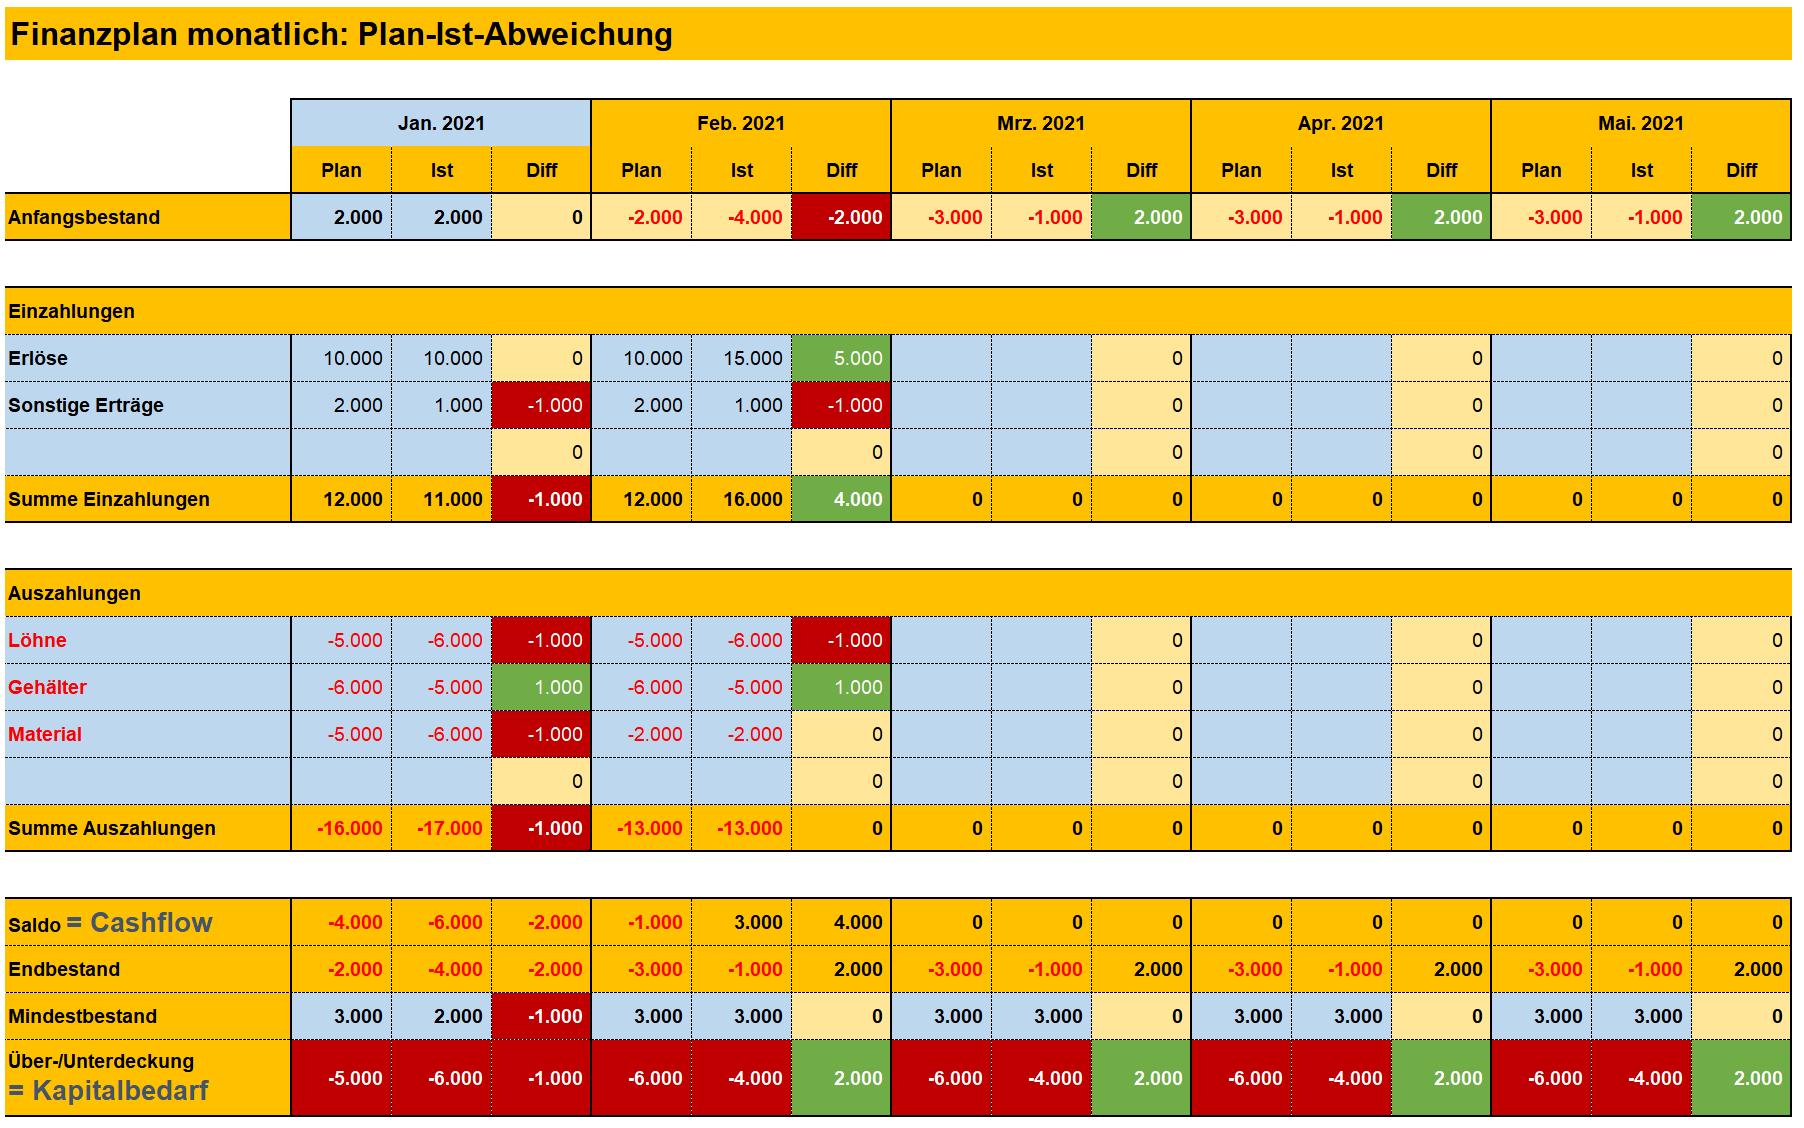 abbildung 1 bersicht finanzplan als excel tabelle - Finanzplan Beispiel